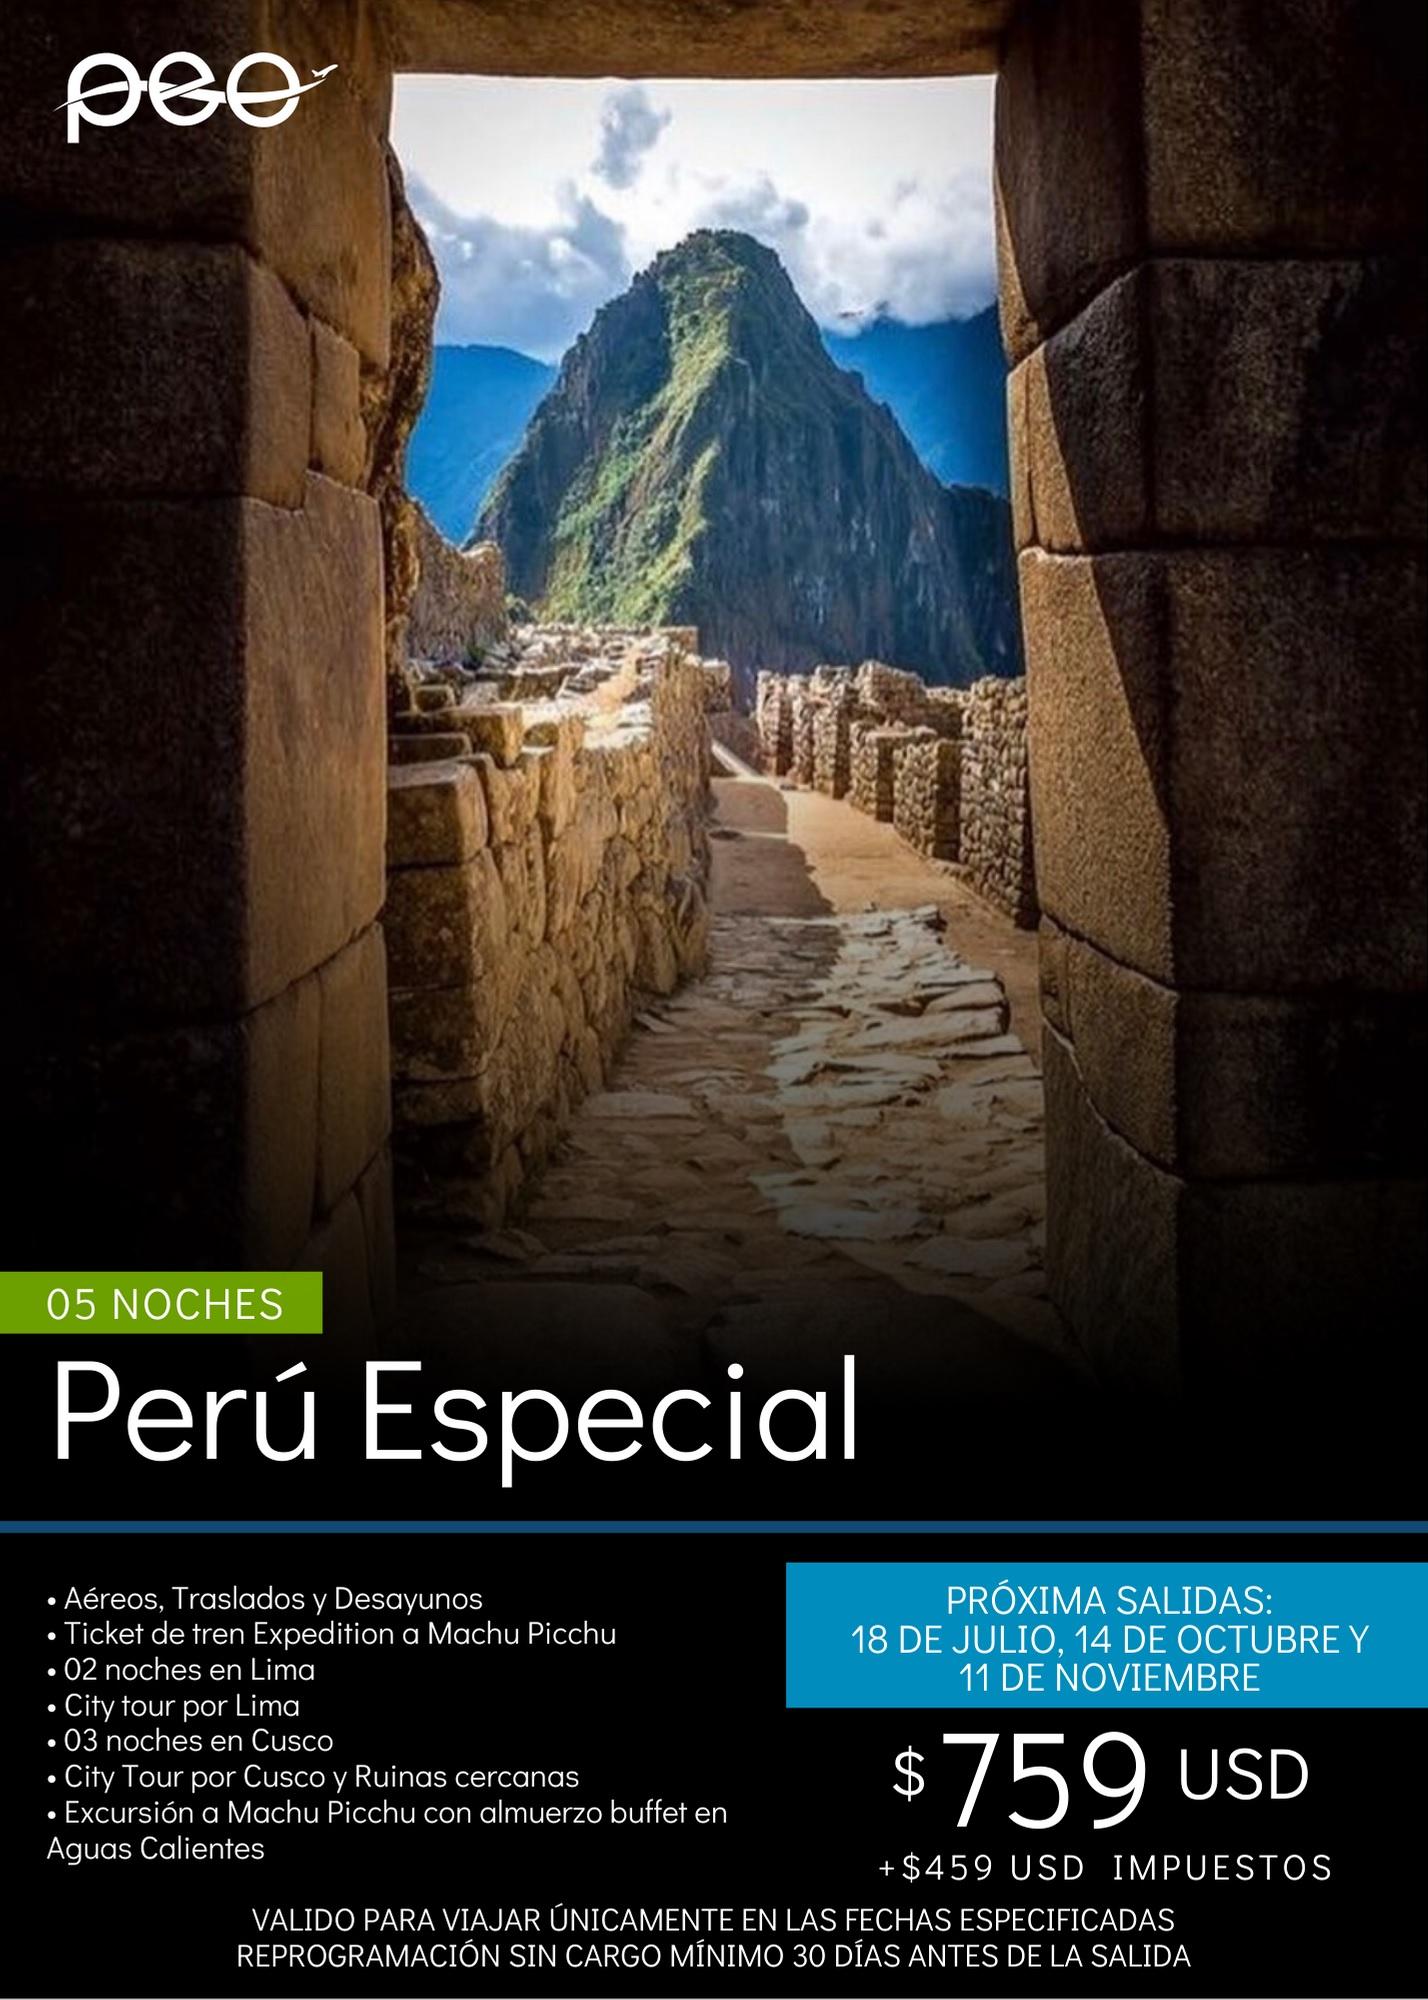 https://0201.nccdn.net/1_2/000/000/0c9/b44/Peru-Especial.jpg